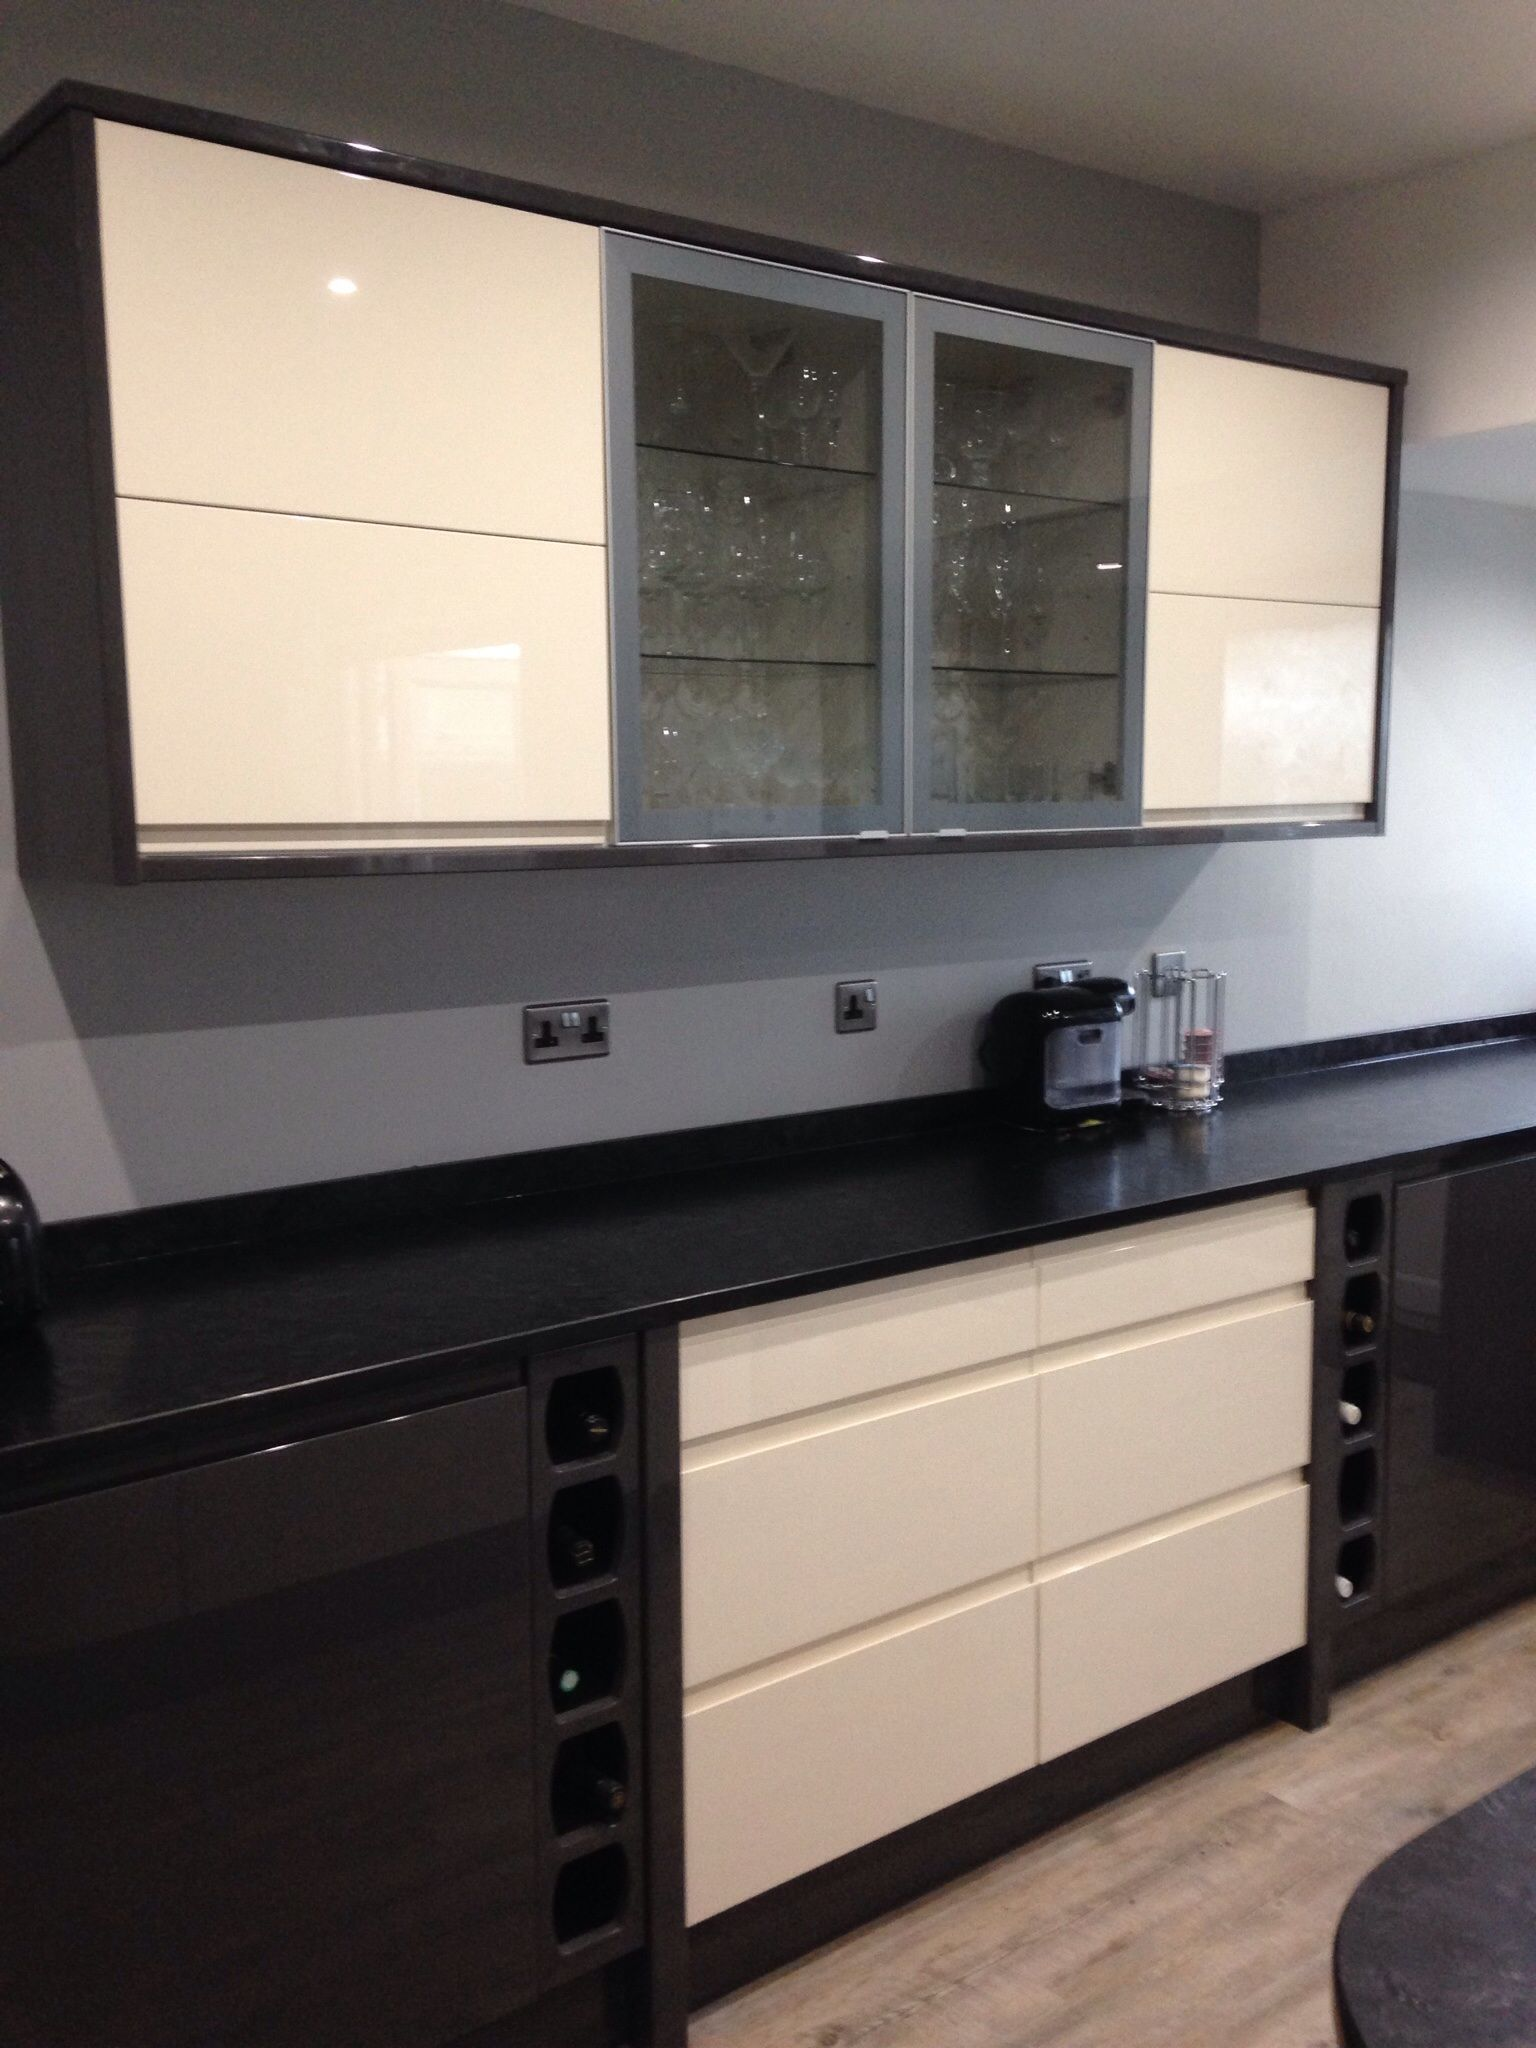 Wickes Sofia cream and graphite mix. | Personal kitchen designs ...